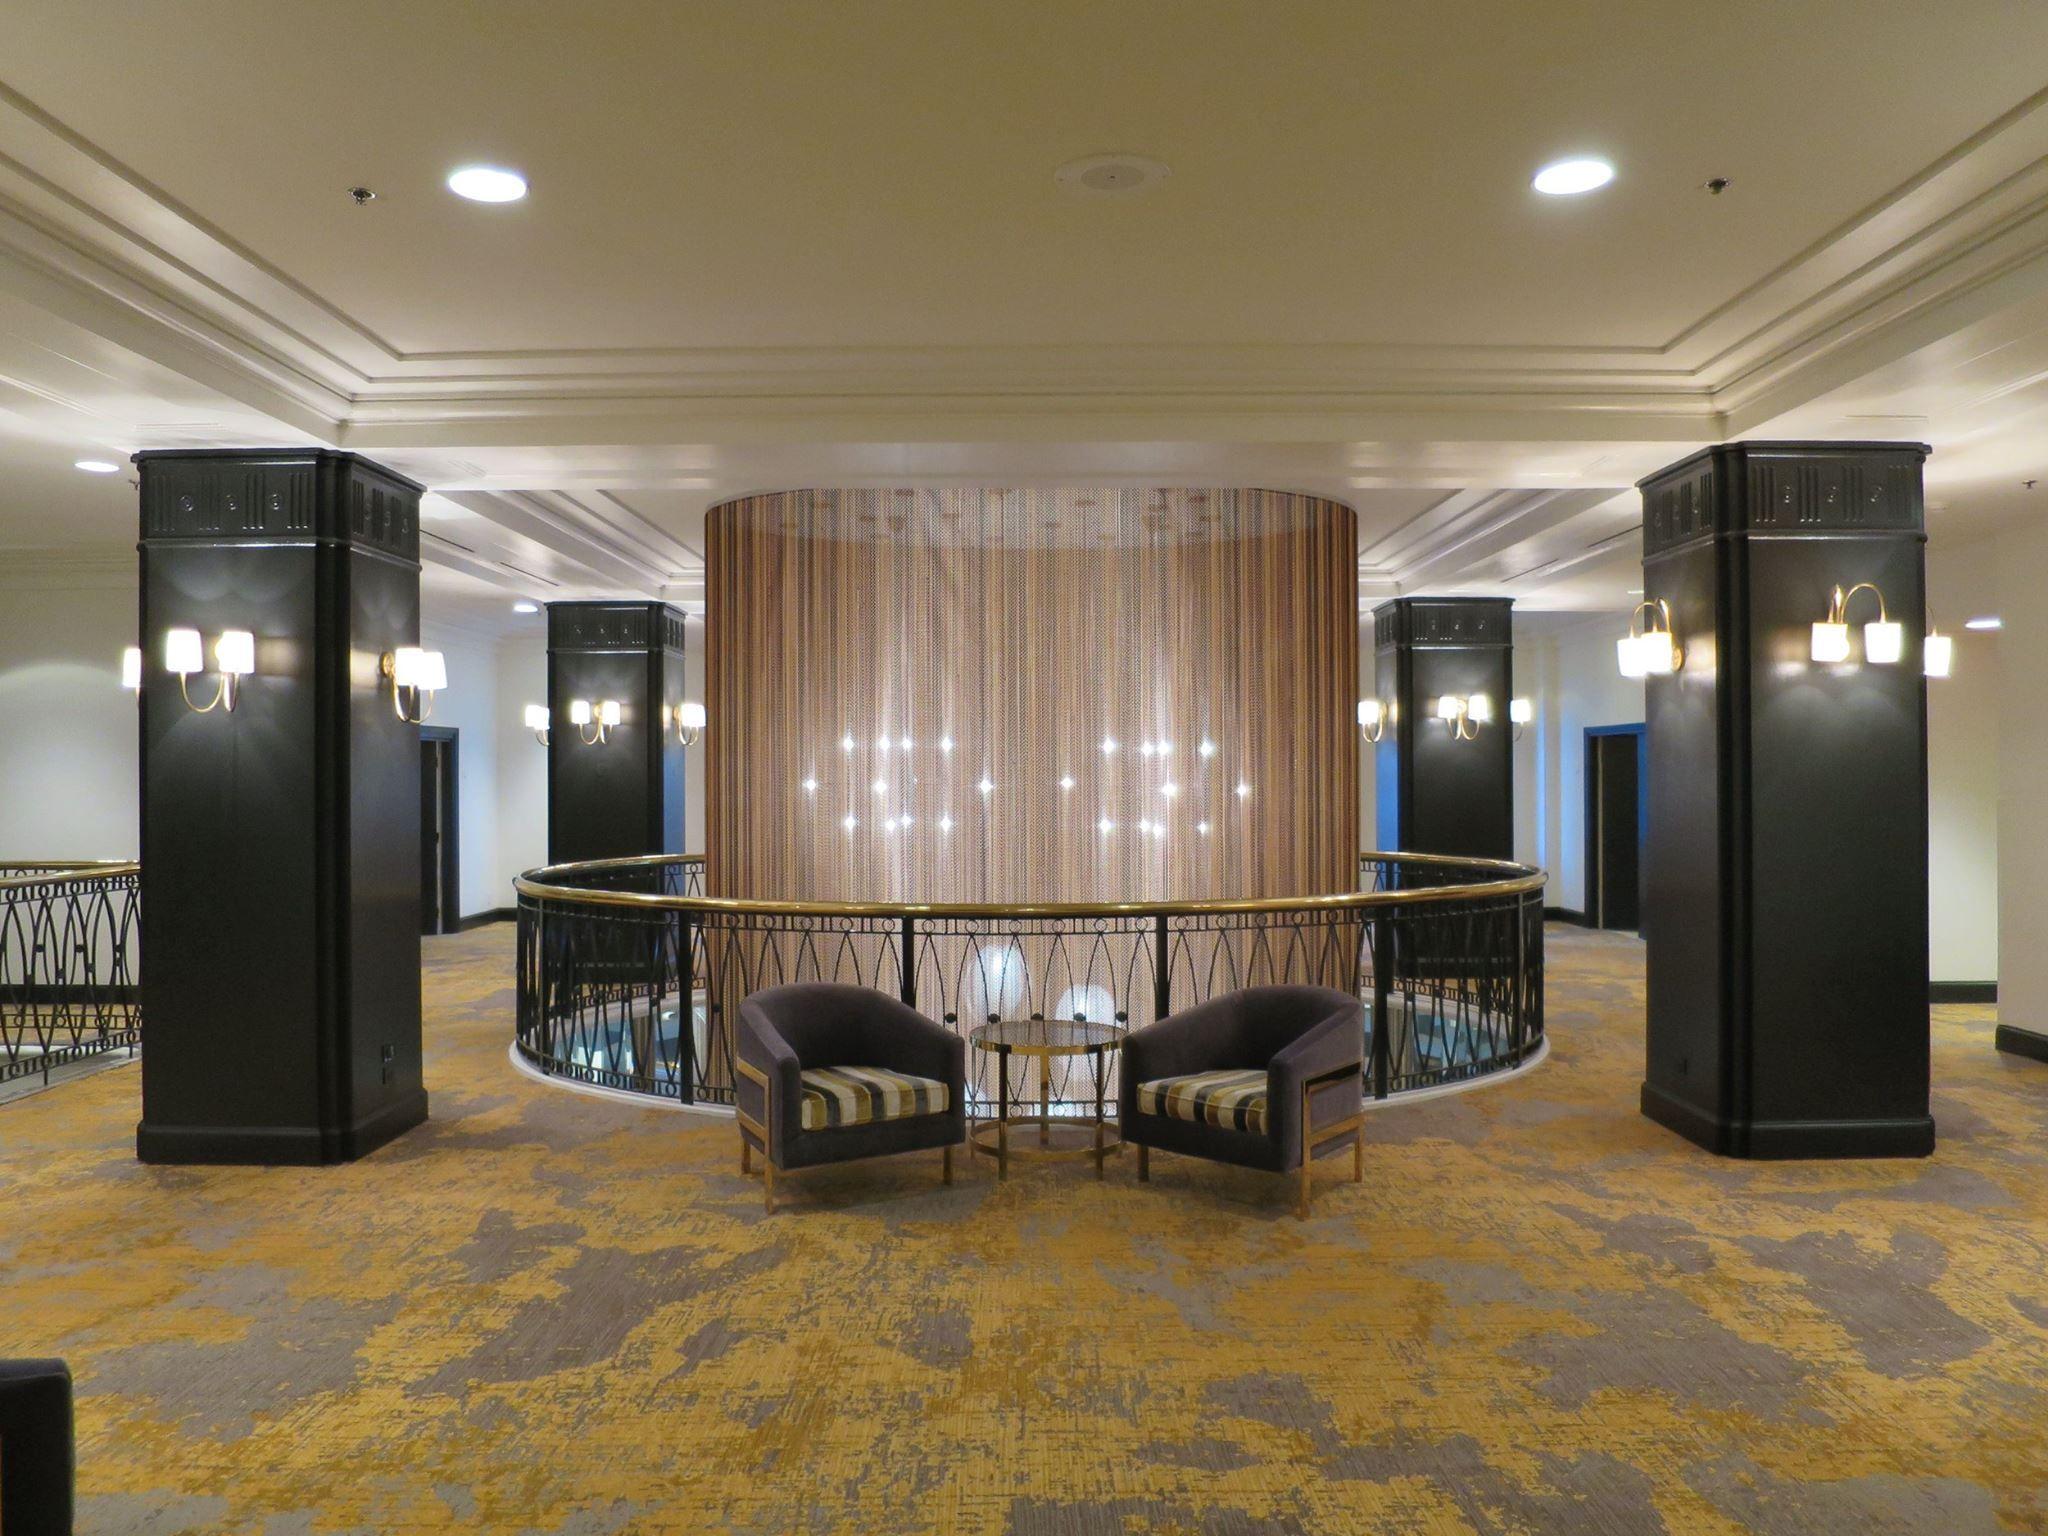 Admiral Semmes Hotel Mobile AL Designed By: Flick Mars #lighting #interior # Design